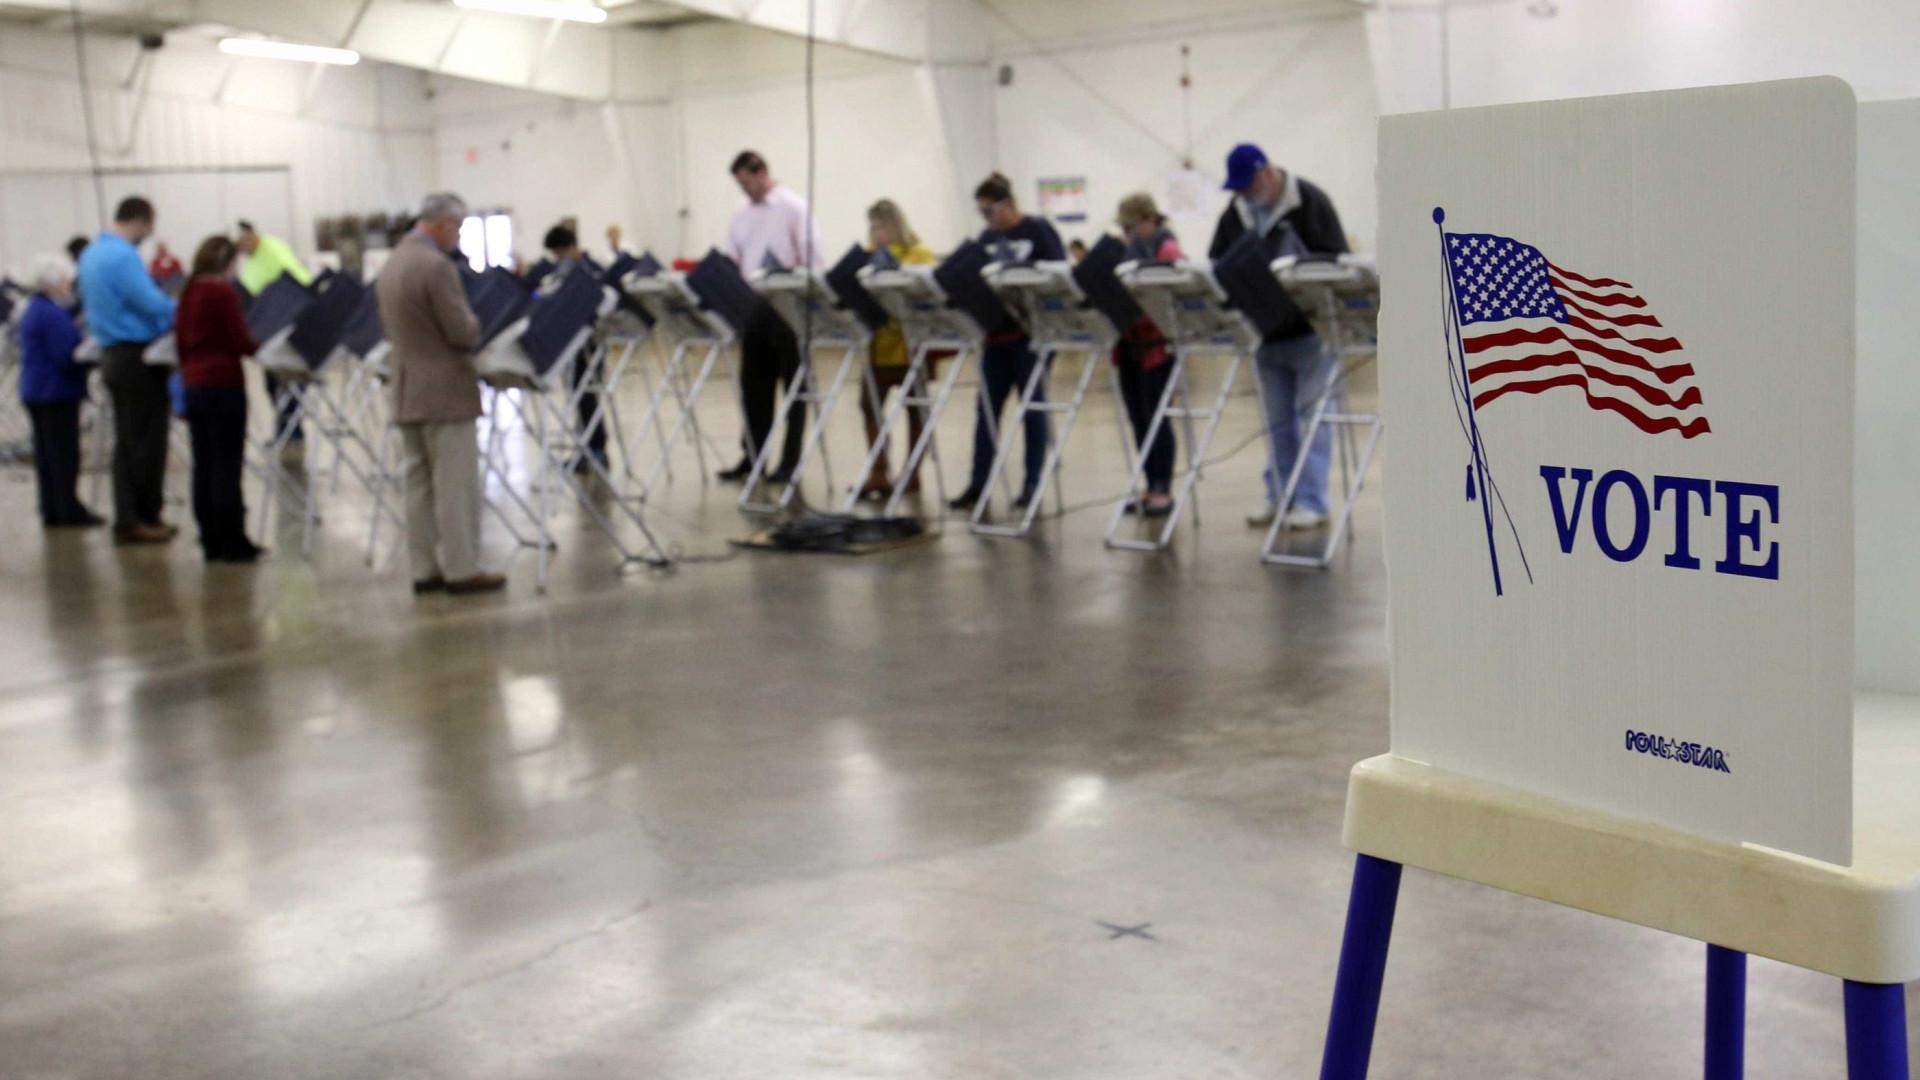 Detida alegada autora de fuga de informação sobre eleições nos EUA